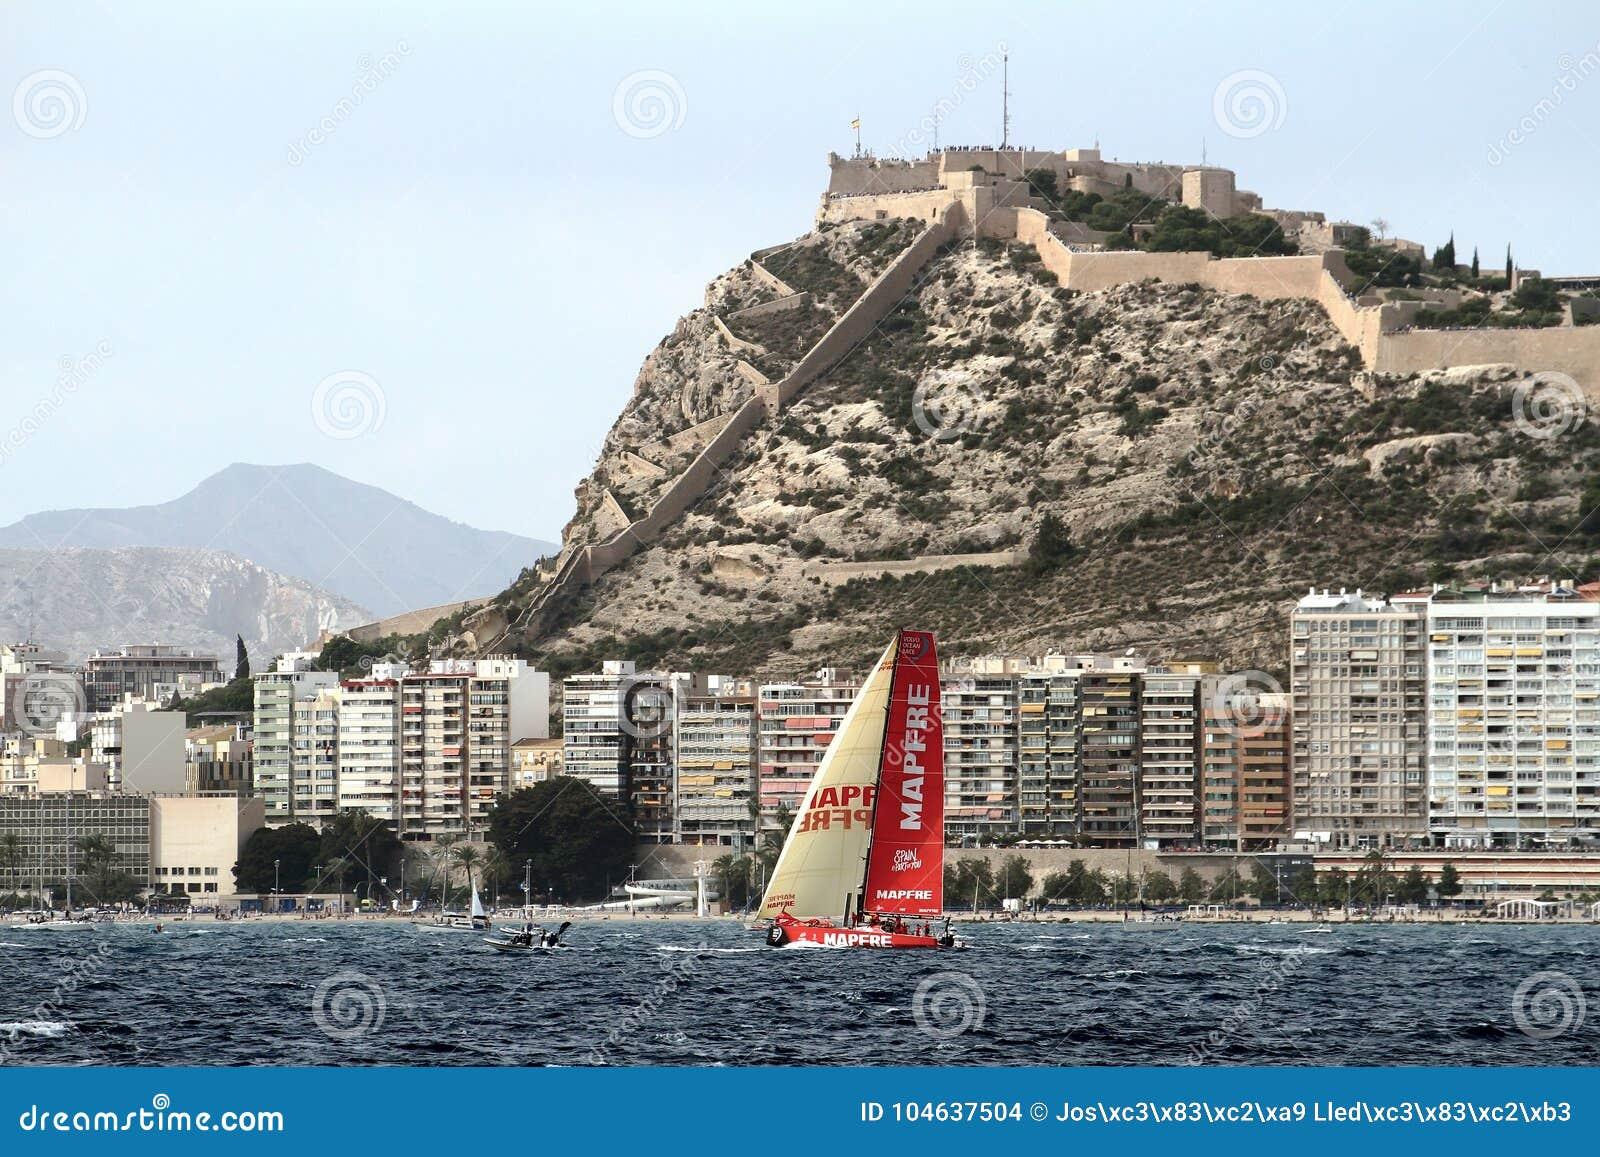 Download Team Mapfre Die Na Beginbeen 1 Alicante-Lissabon Varen Redactionele Stock Afbeelding - Afbeelding bestaande uit haven, privé: 104637504